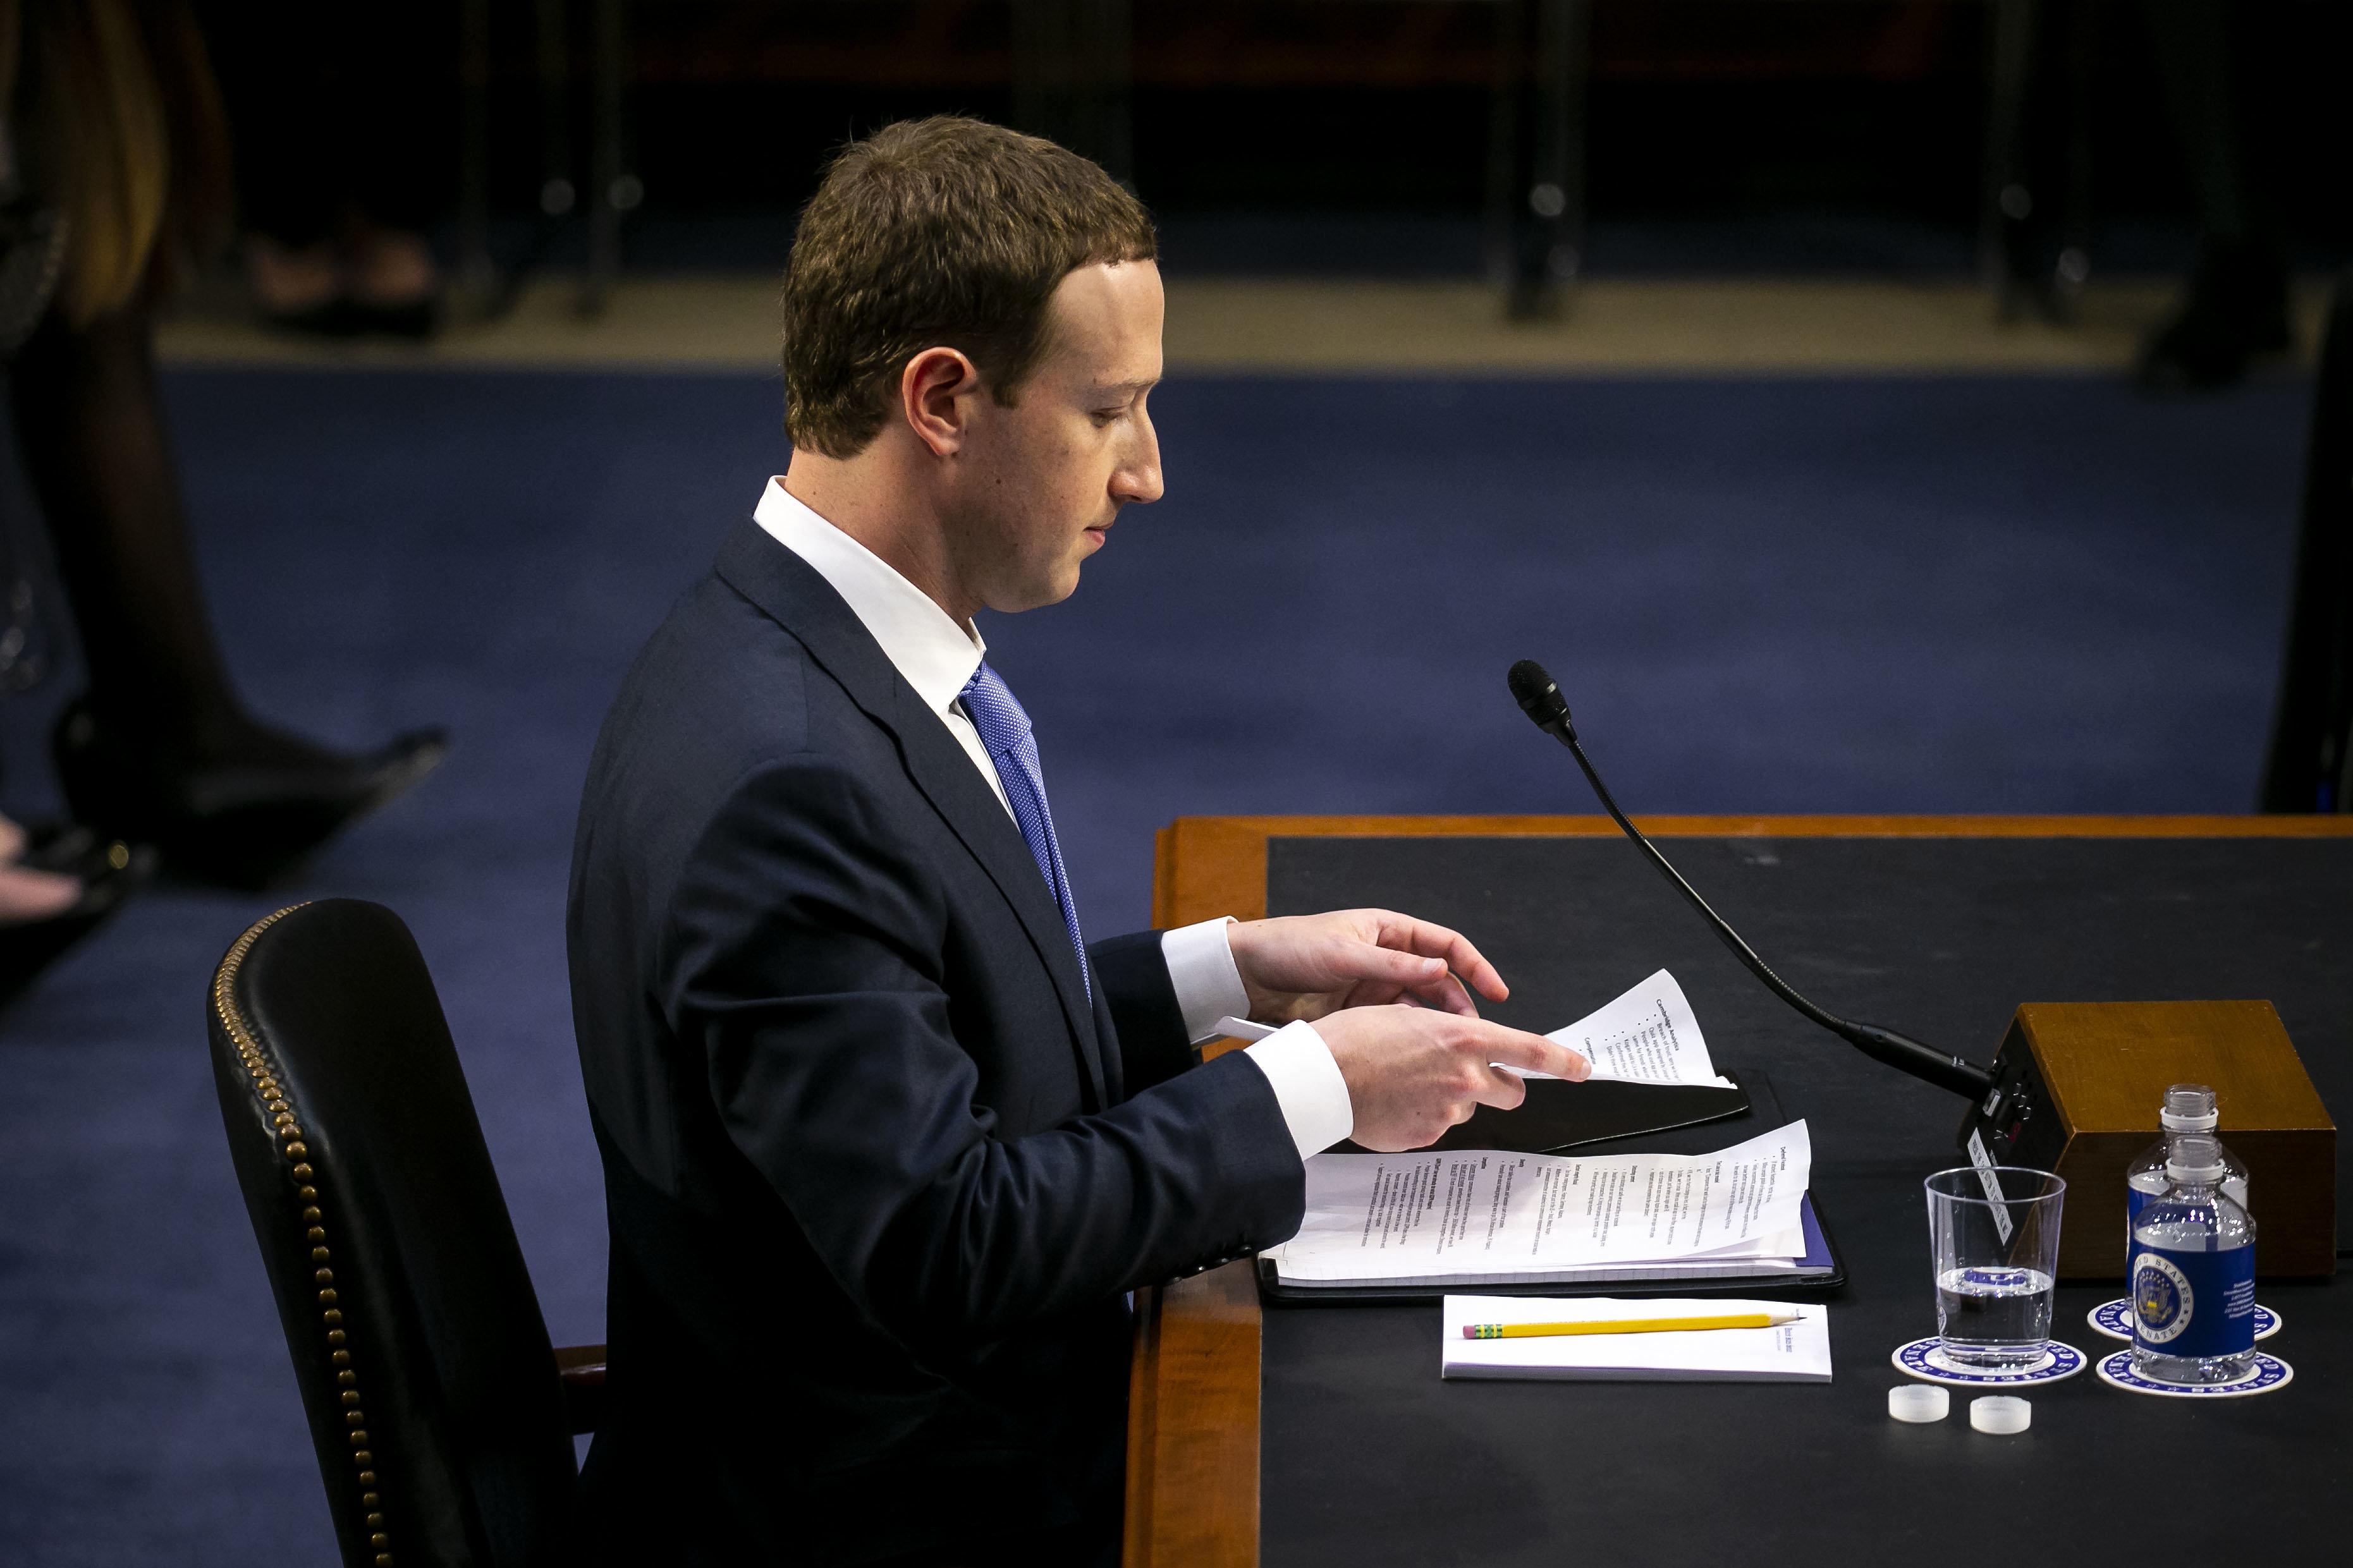 Ce que les notes de Mark Zuckerberg au Sénat prévoyaient qu'il